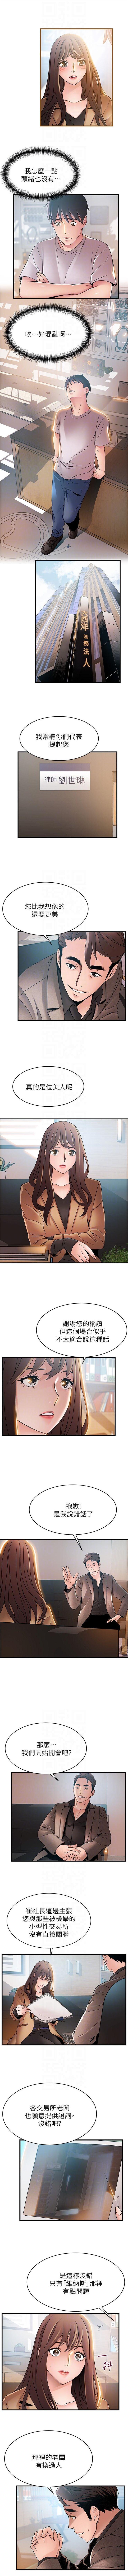 弱点 1-64 中文翻译(更新中) 245